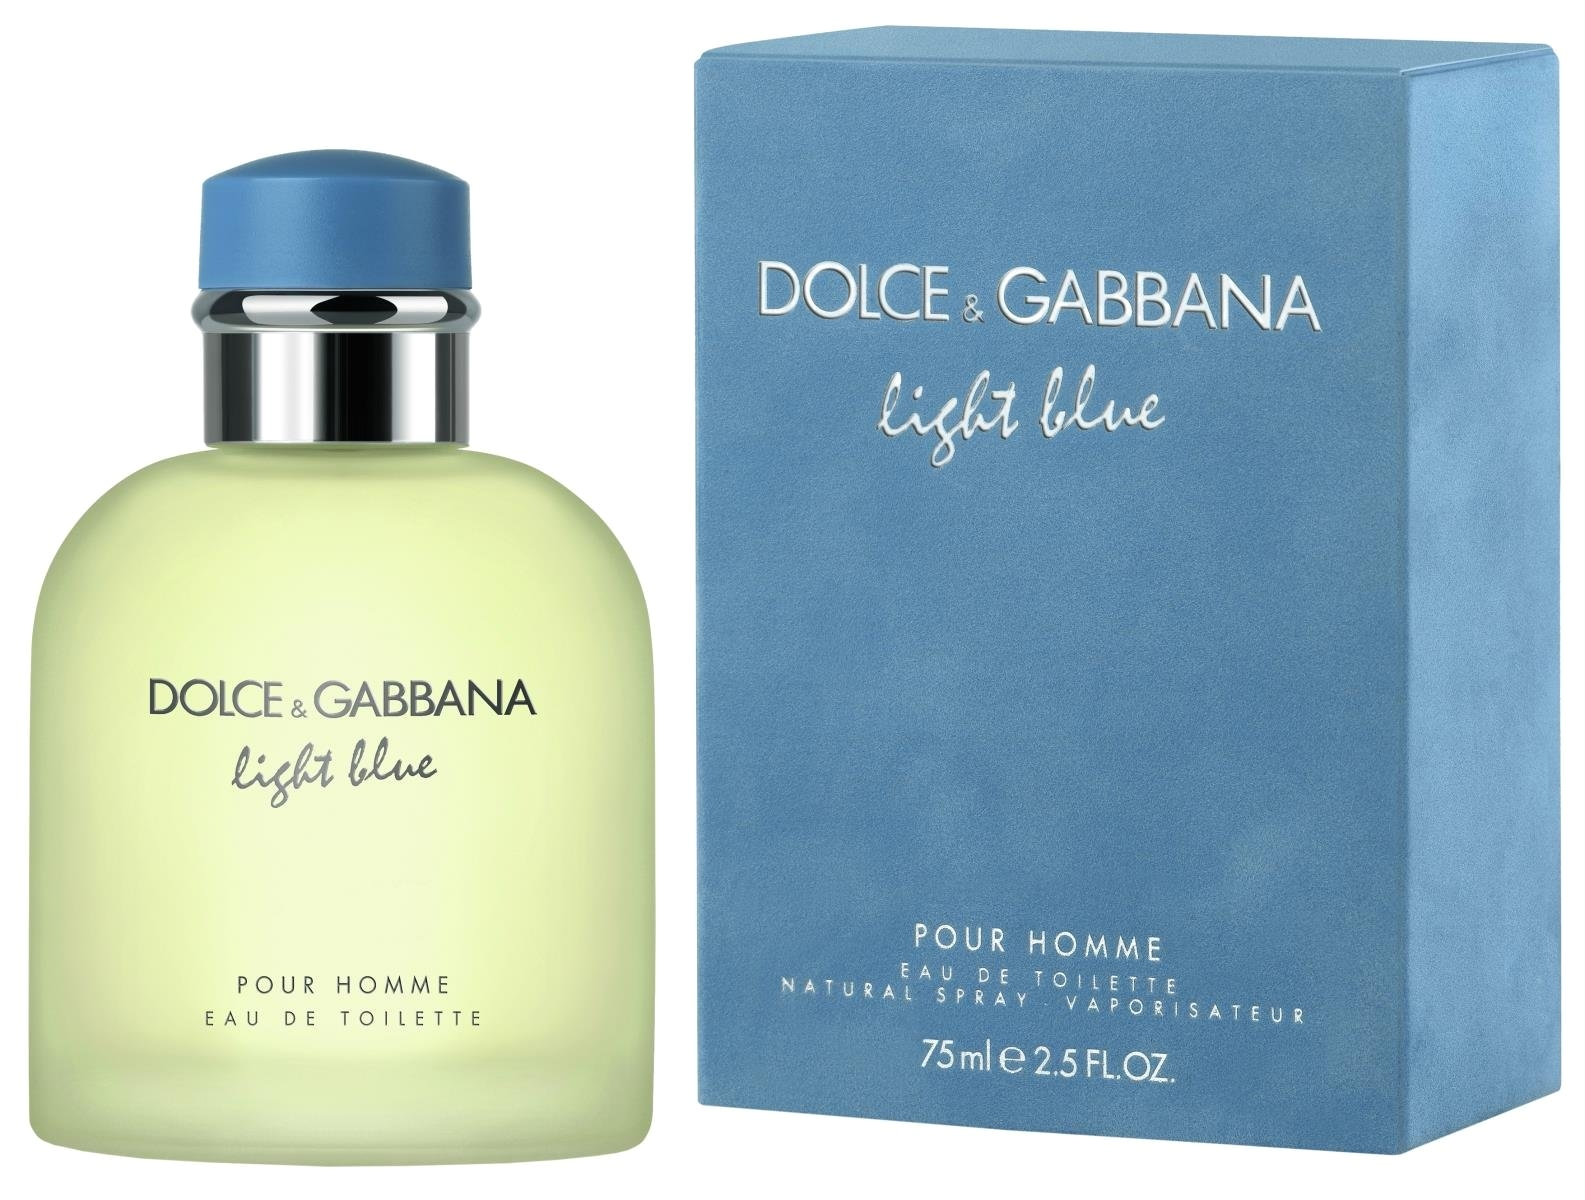 d g light blue by dolce gabbana for men eau de toilette spray